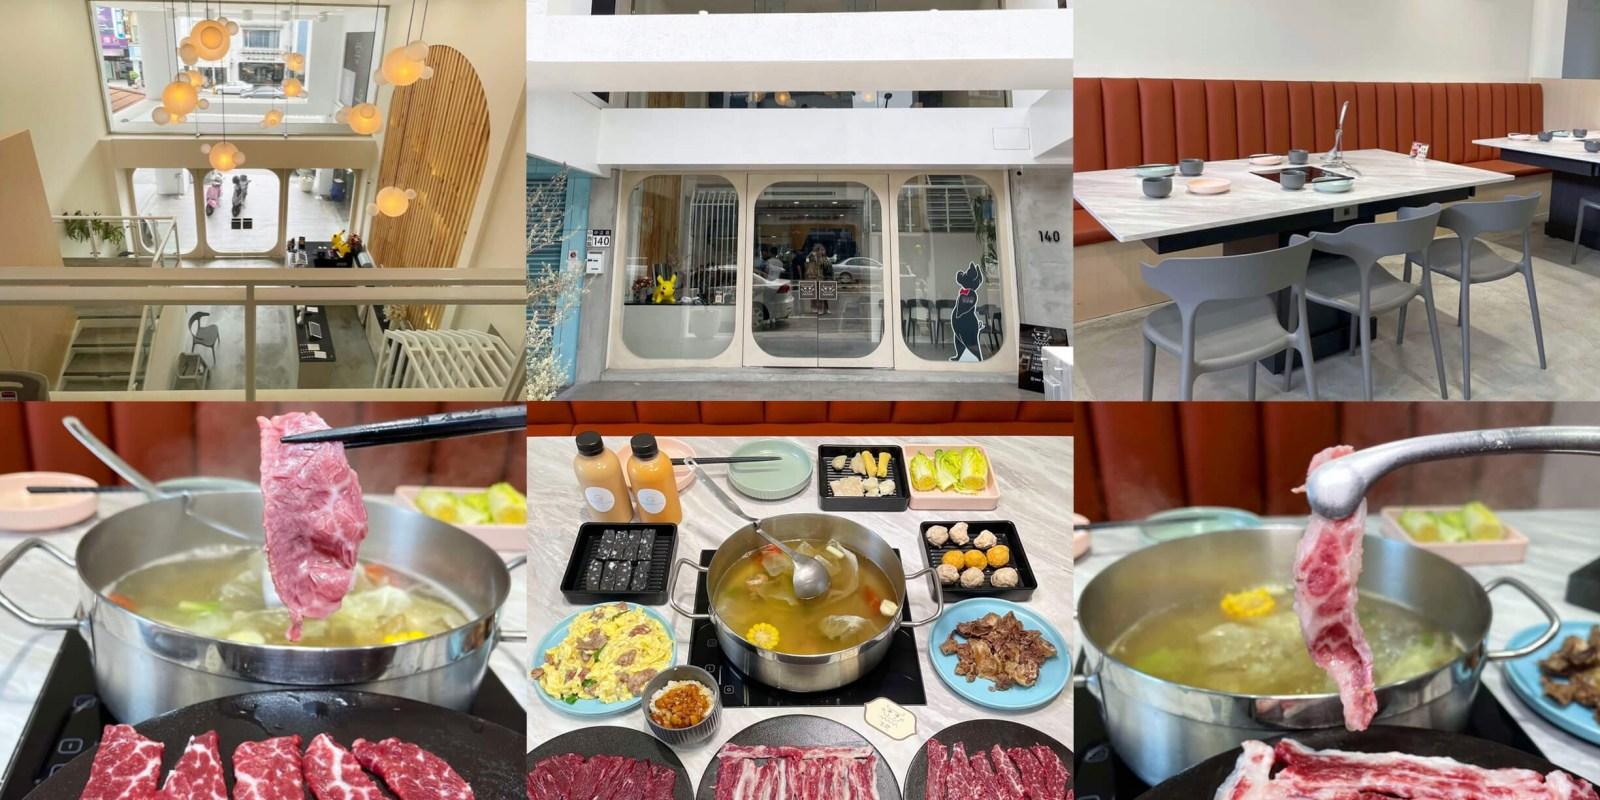 [台南美食] 牛苑 - 像咖啡館的台南最美溫體牛肉火鍋~想吃溫體牛肉就來這裡!